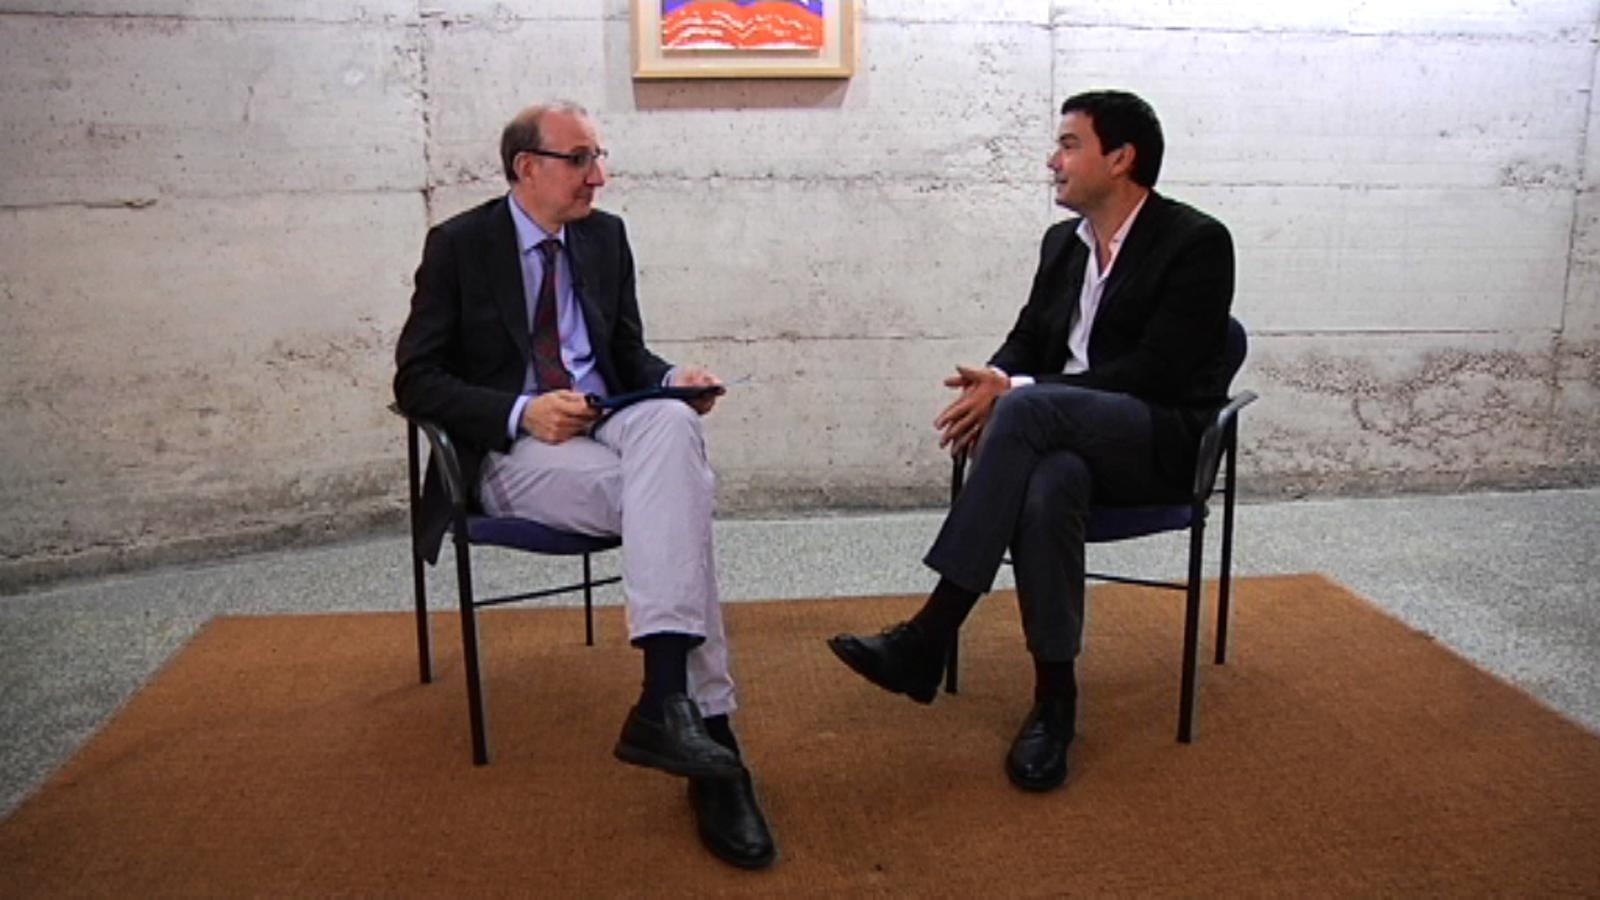 Thomas Piketty: Crec en la competició però penso que les forces del capitalisme han d'estar sempre al servei de l'interès general